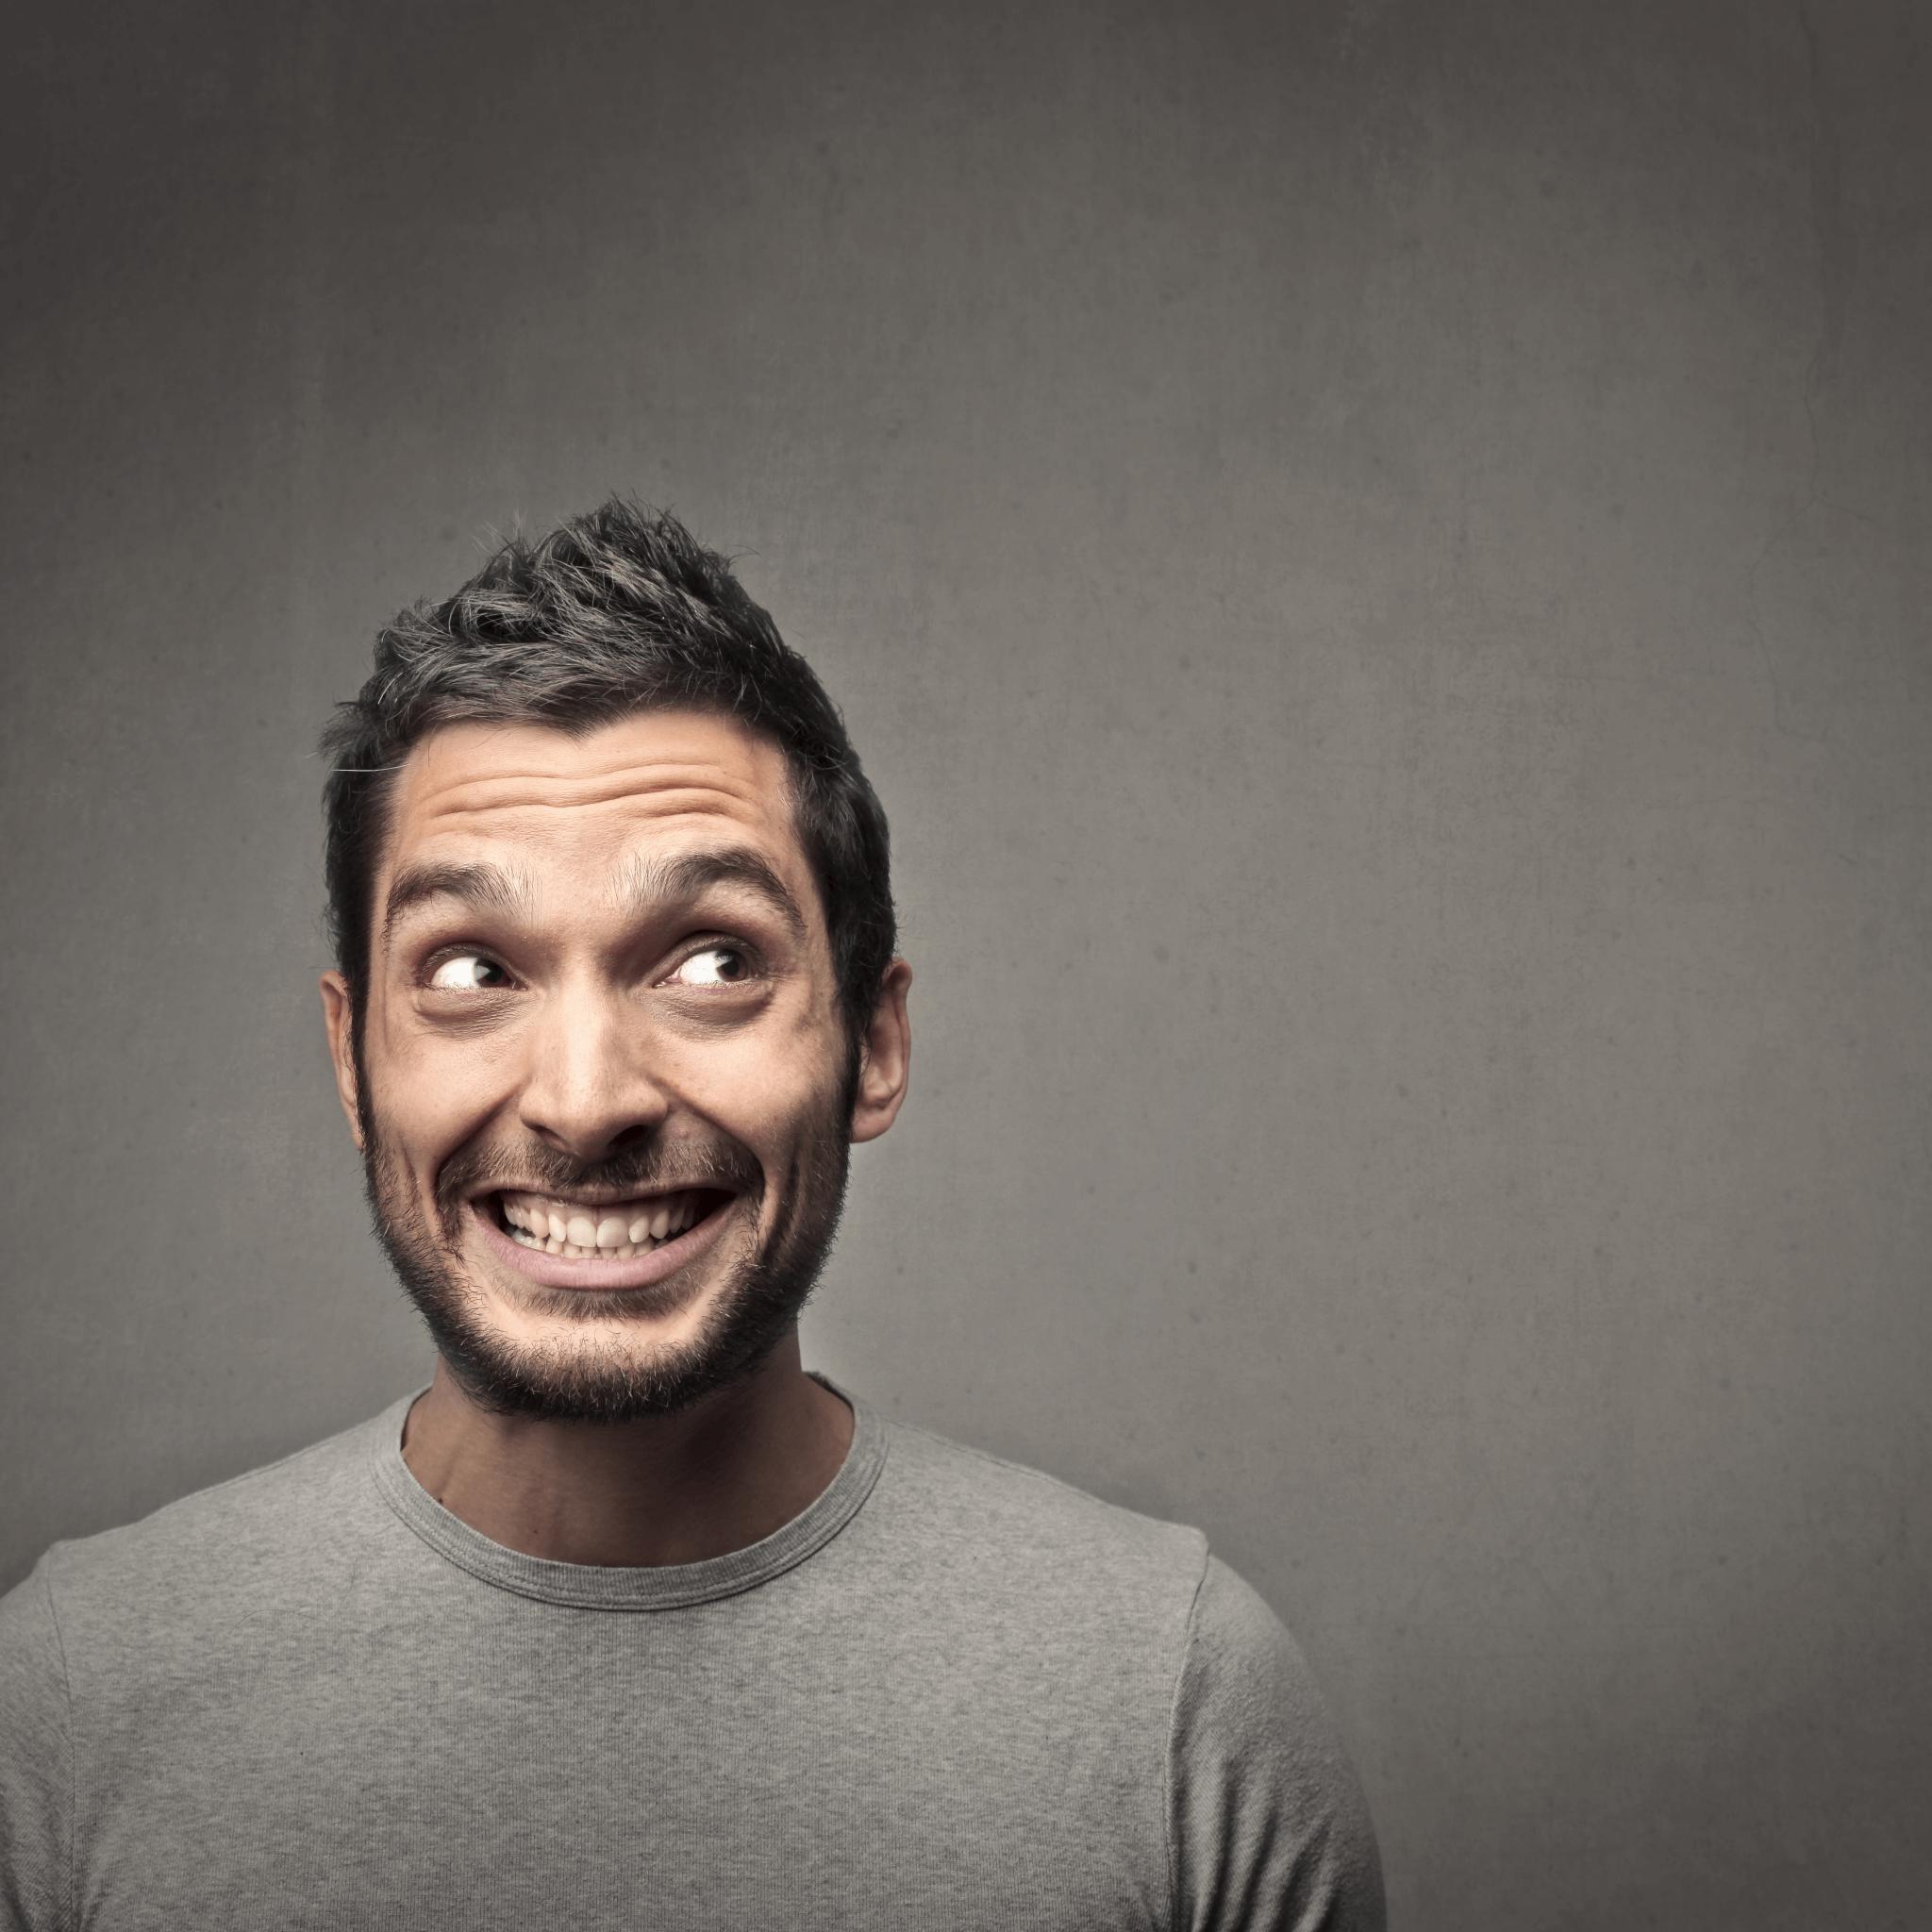 Die Mitarbeitermotivation – Ein kleiner Leitfaden (für großes Engagement)